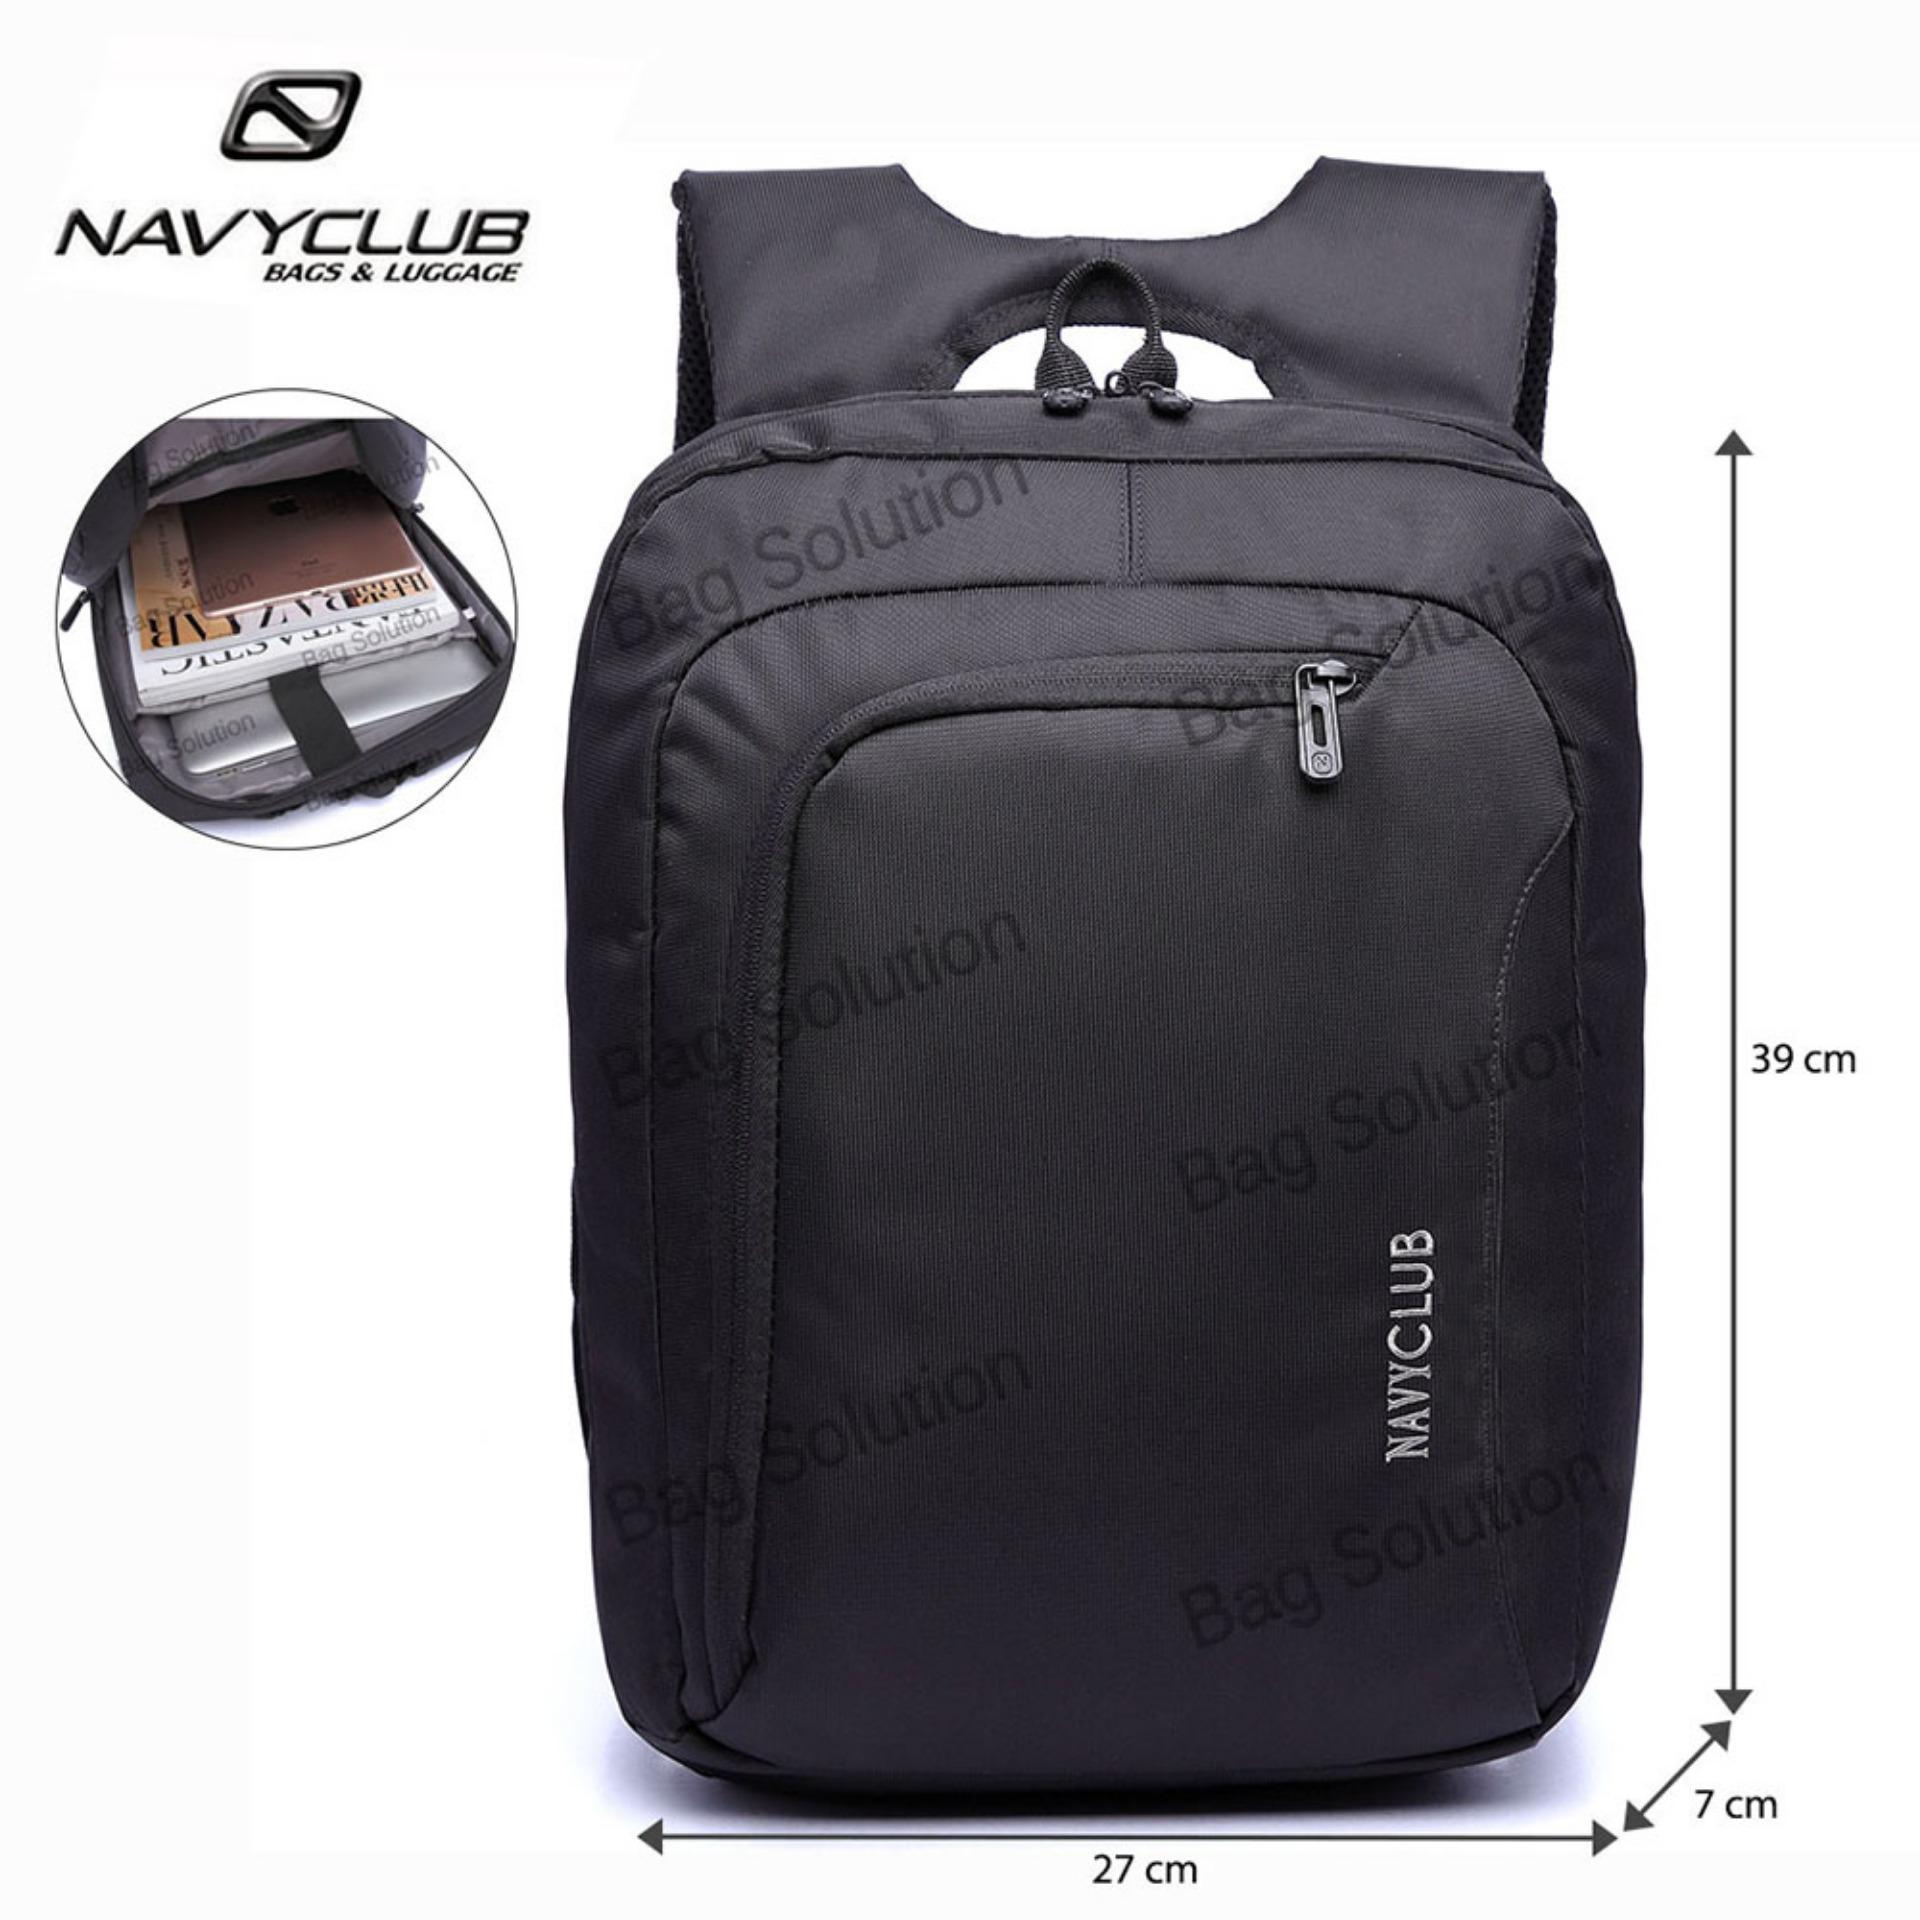 Navy Club Tas Ransel Laptop Tahan Air - Tas Pria Tas Wanita 5850 Backpack Up to